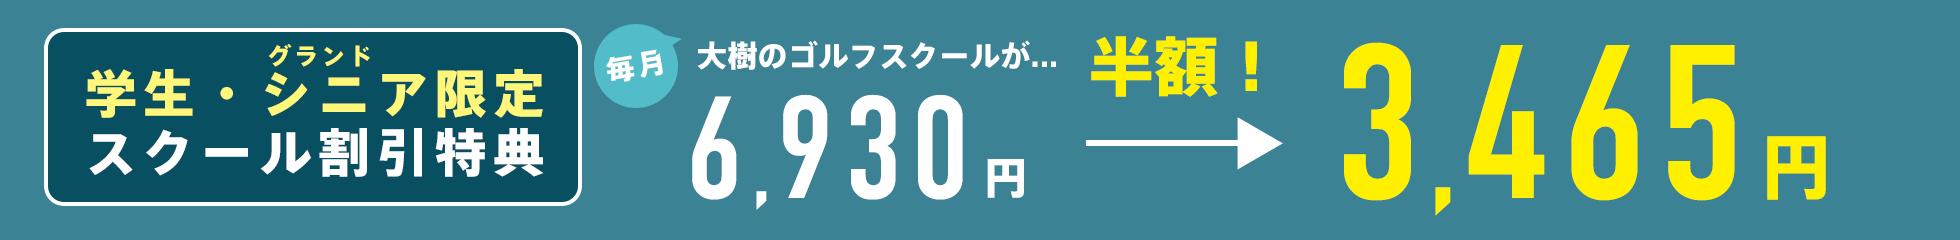 学生・グランドシニア限定 スクール割引特典 毎月 大樹のゴルフスクールが...半額!6,600円→3,300円